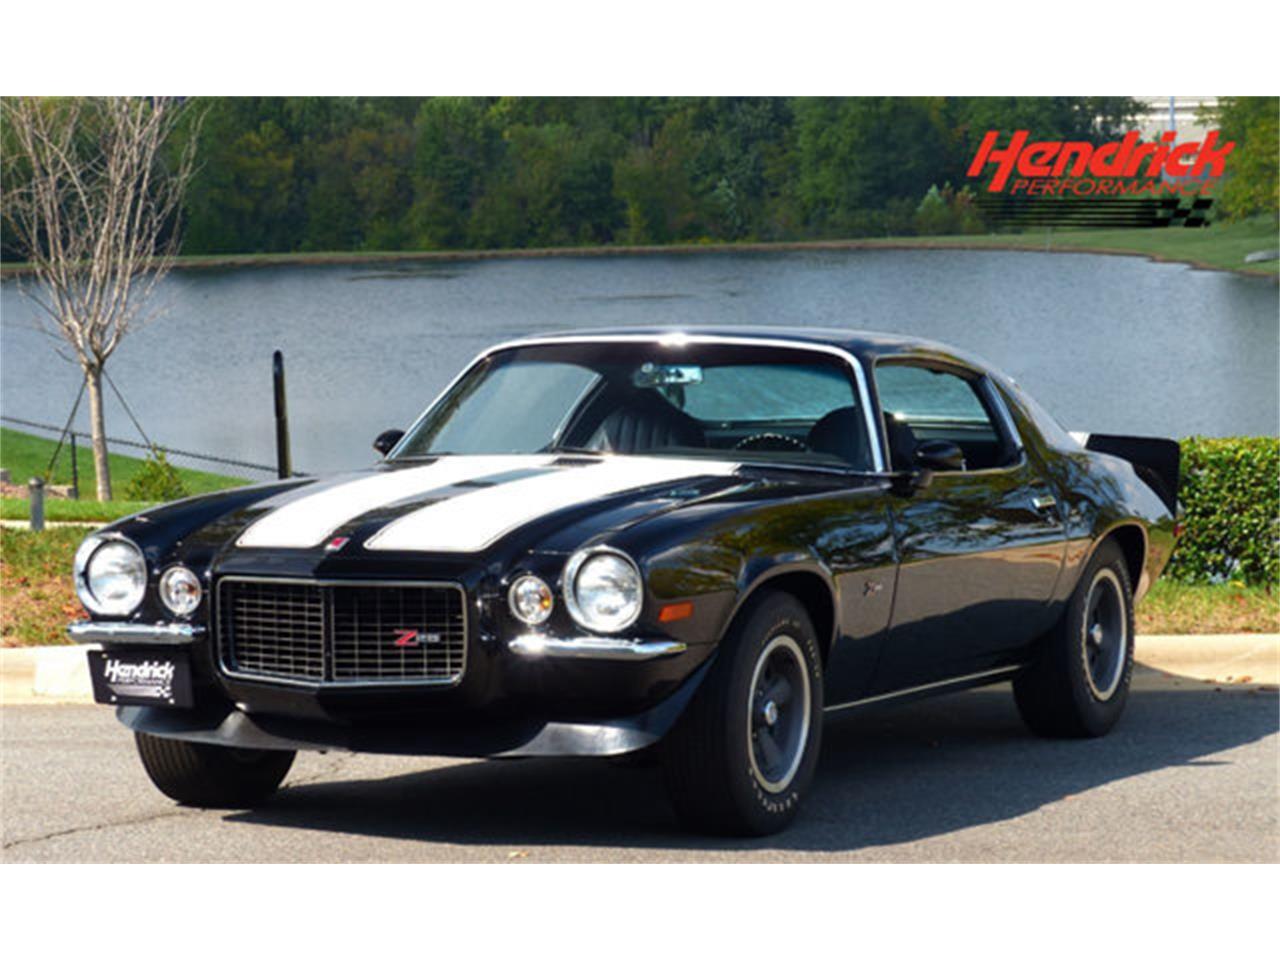 For Sale: 1971 Chevrolet Camaro Z28 in Charlotte, North Carolina